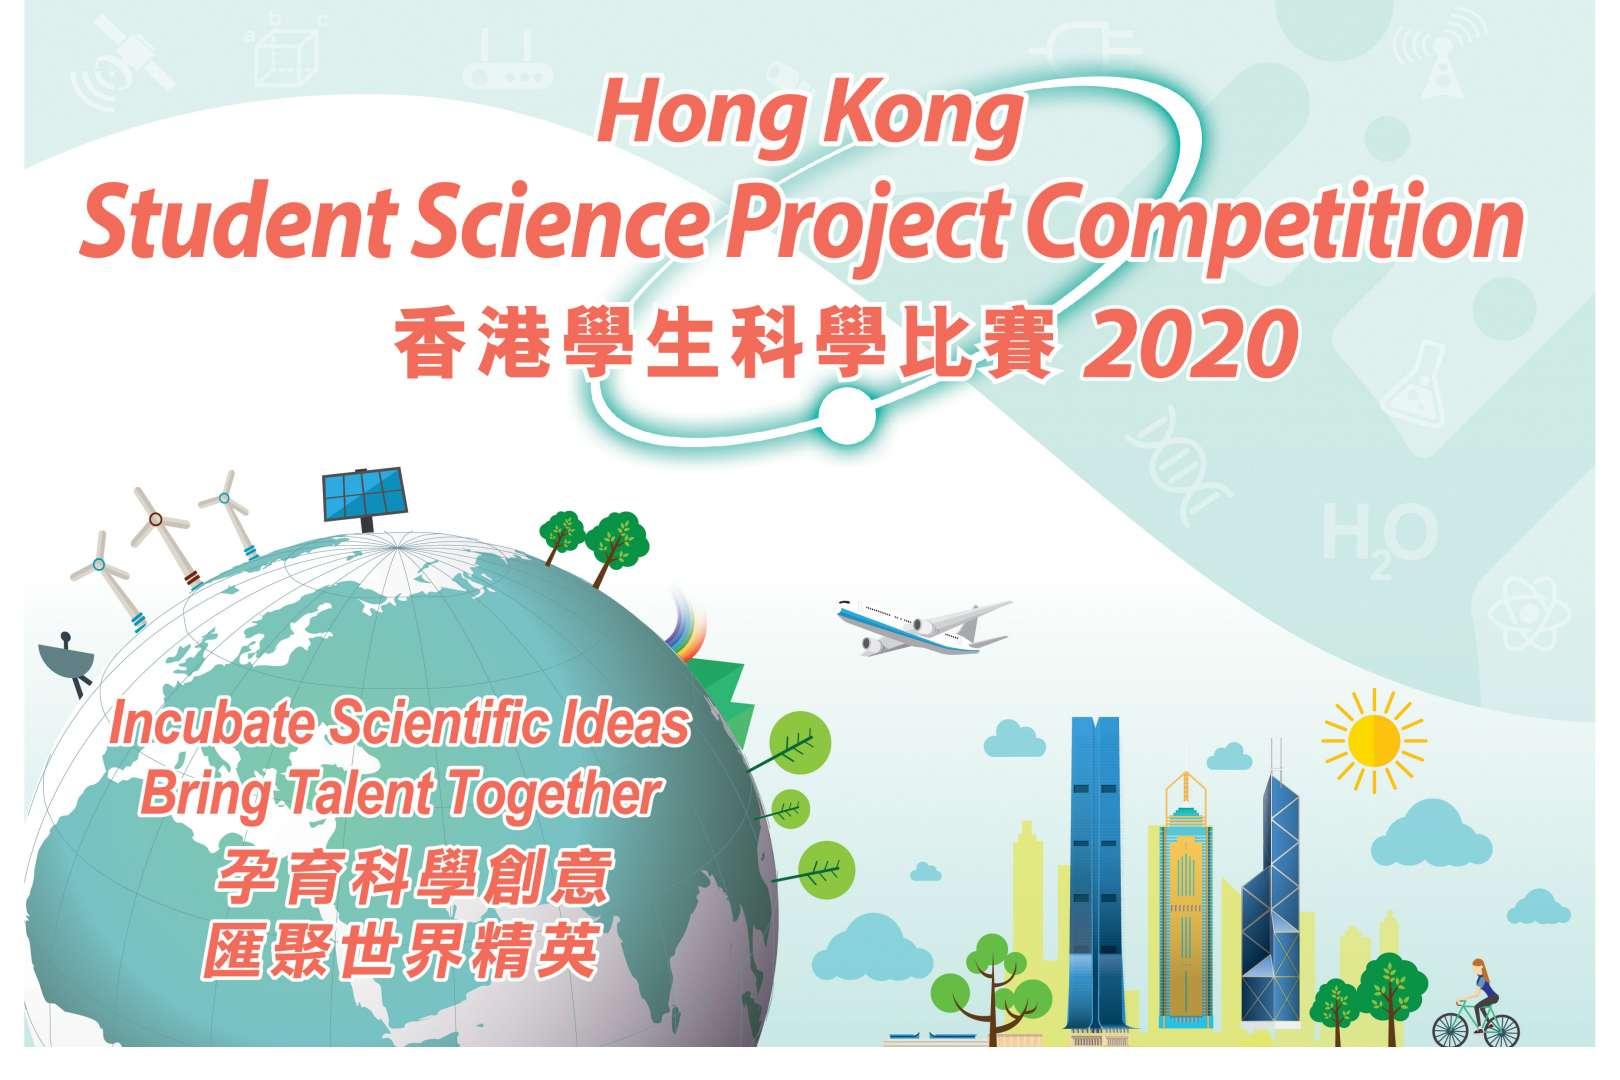 2020 香港學生科學比賽 / Hong Kong Student Science Project Competition 2020